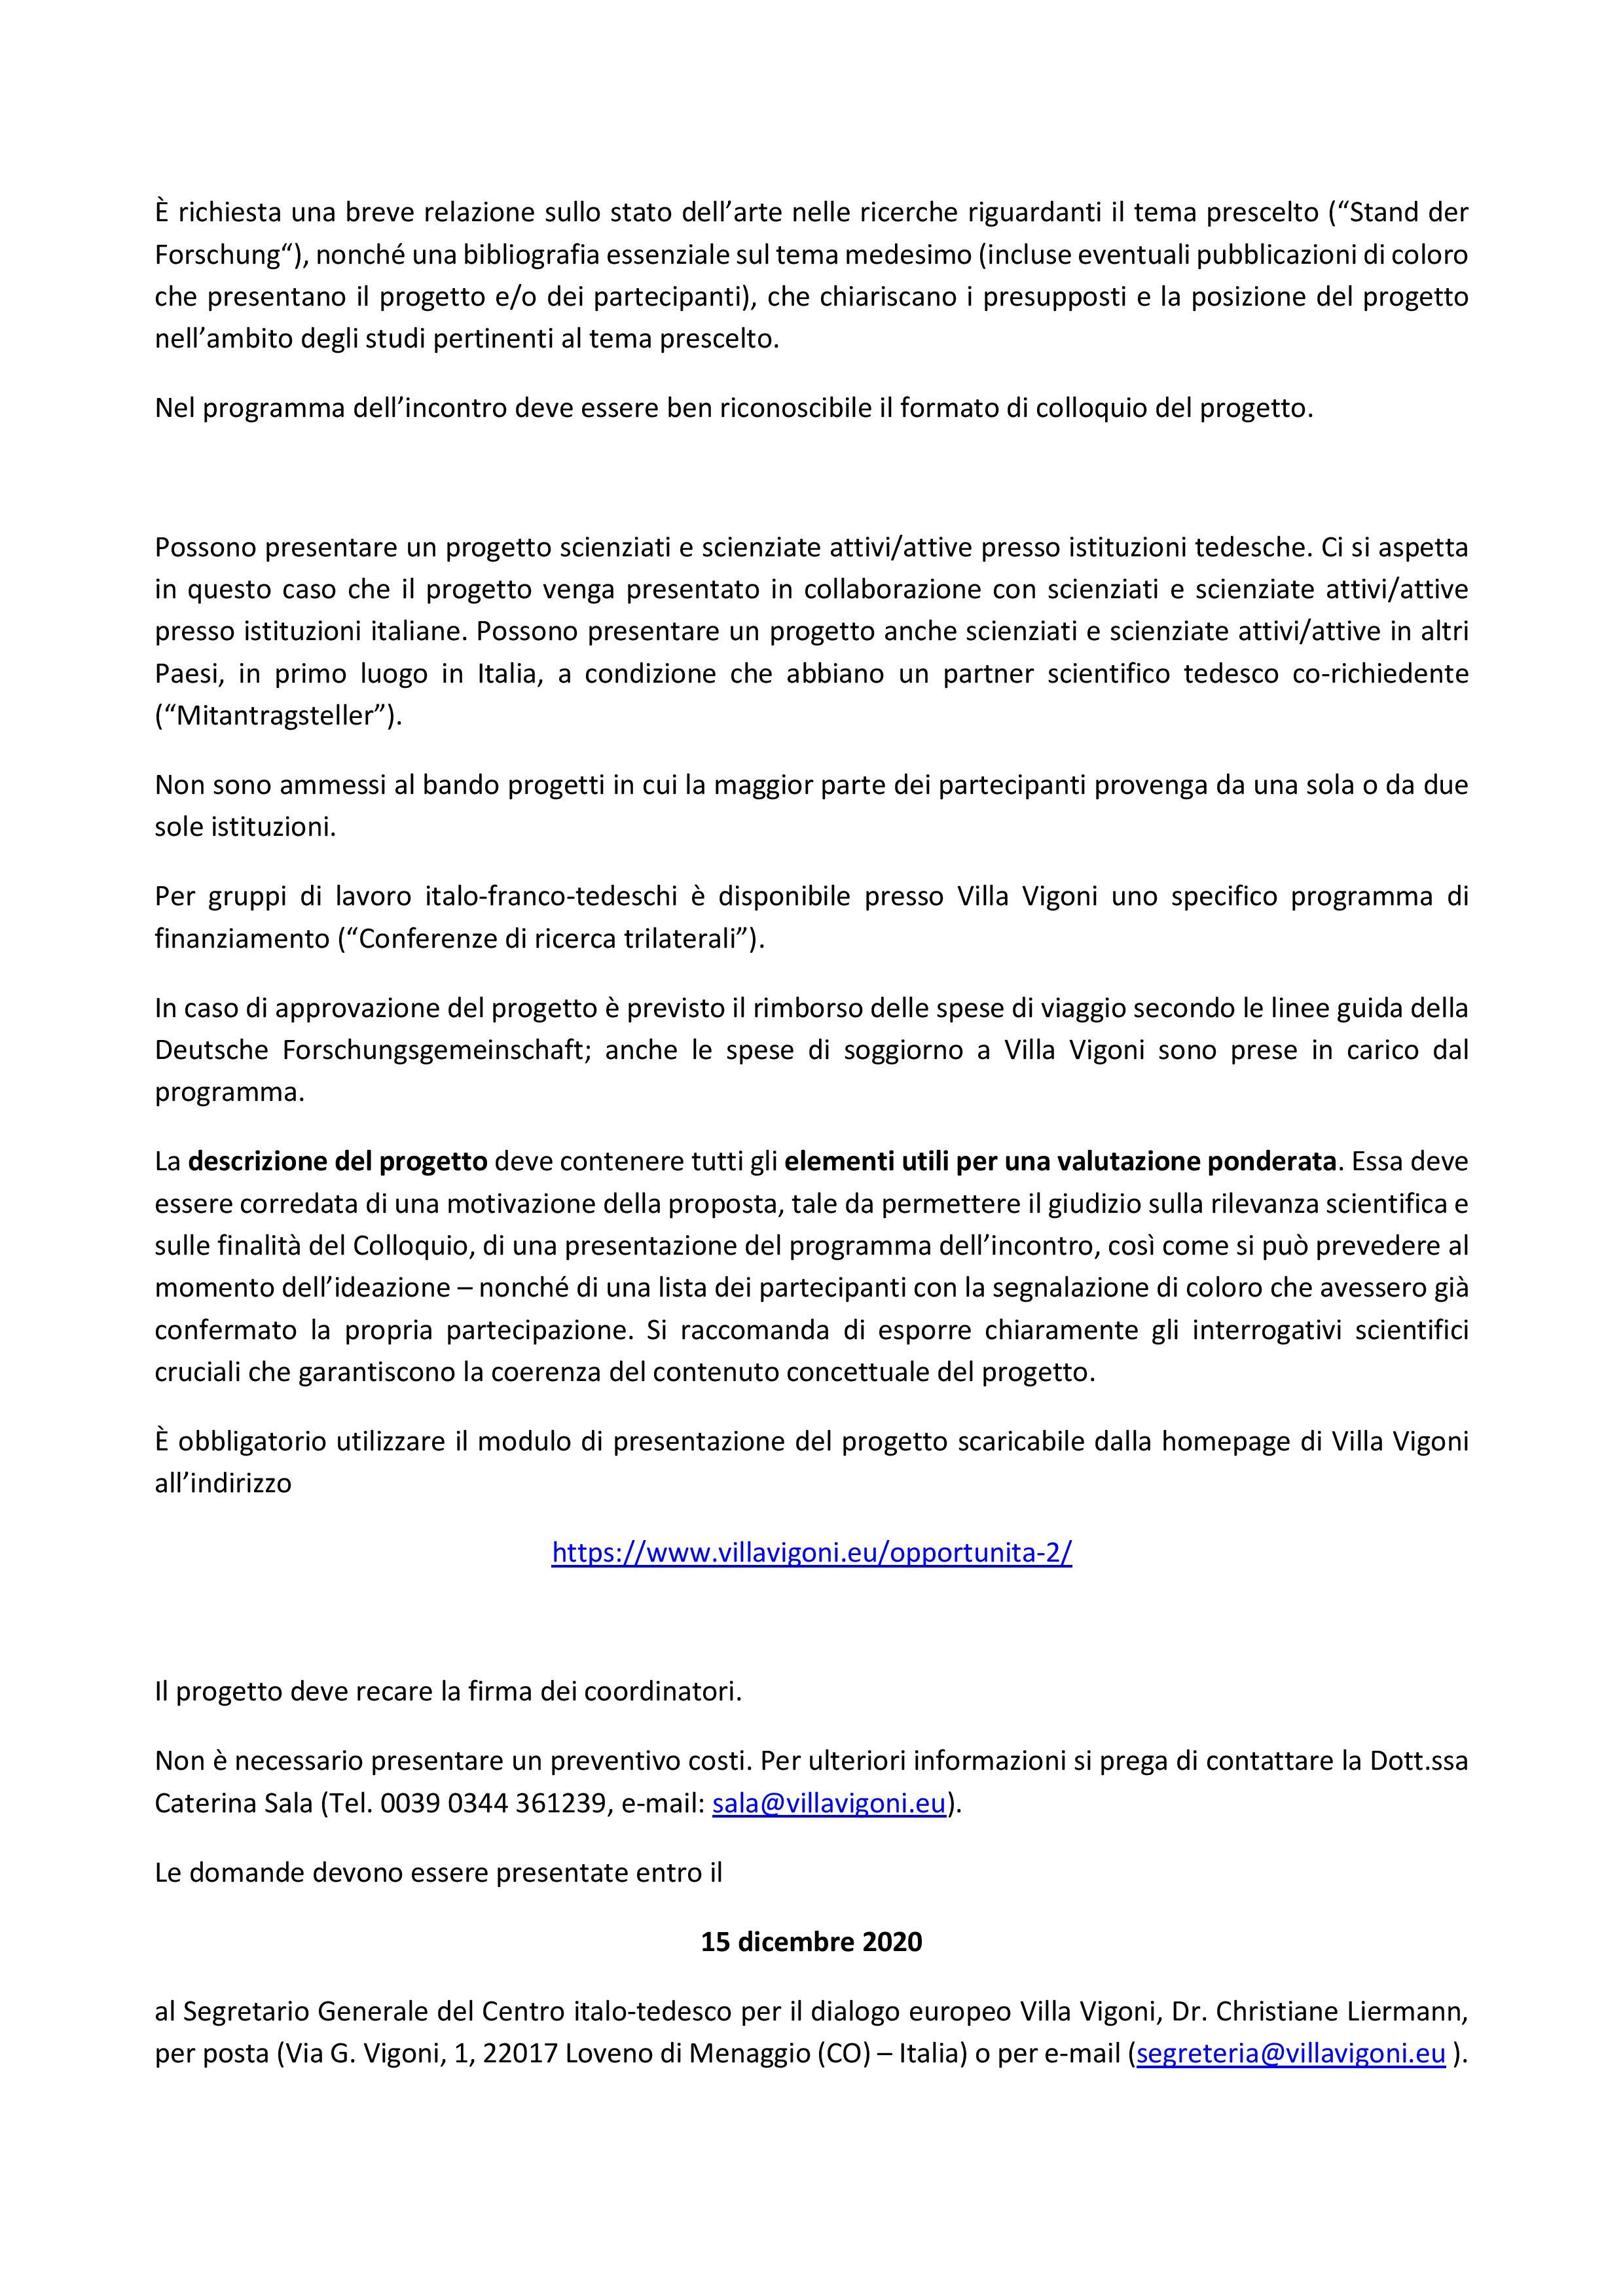 2022_Bando_Cooperazione Italo-Tedesca Scienze Umane e Sociali-page-002